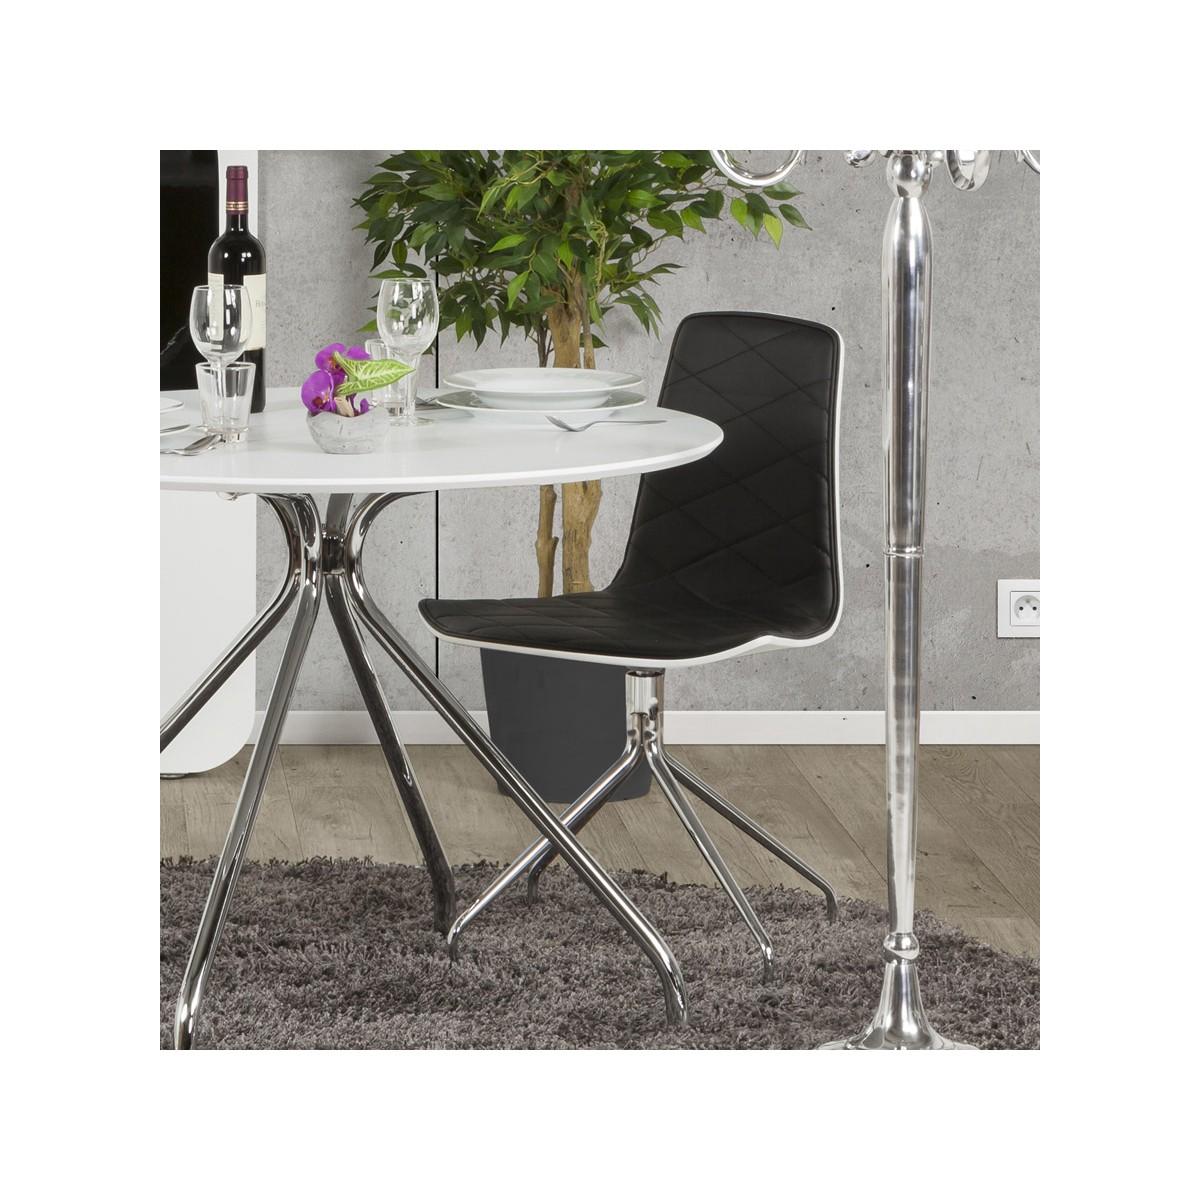 Chaise Bois Et Metal - chaise metal et cuir 28 images chaise design fil de fer et pieds en bois wadiga, sioule